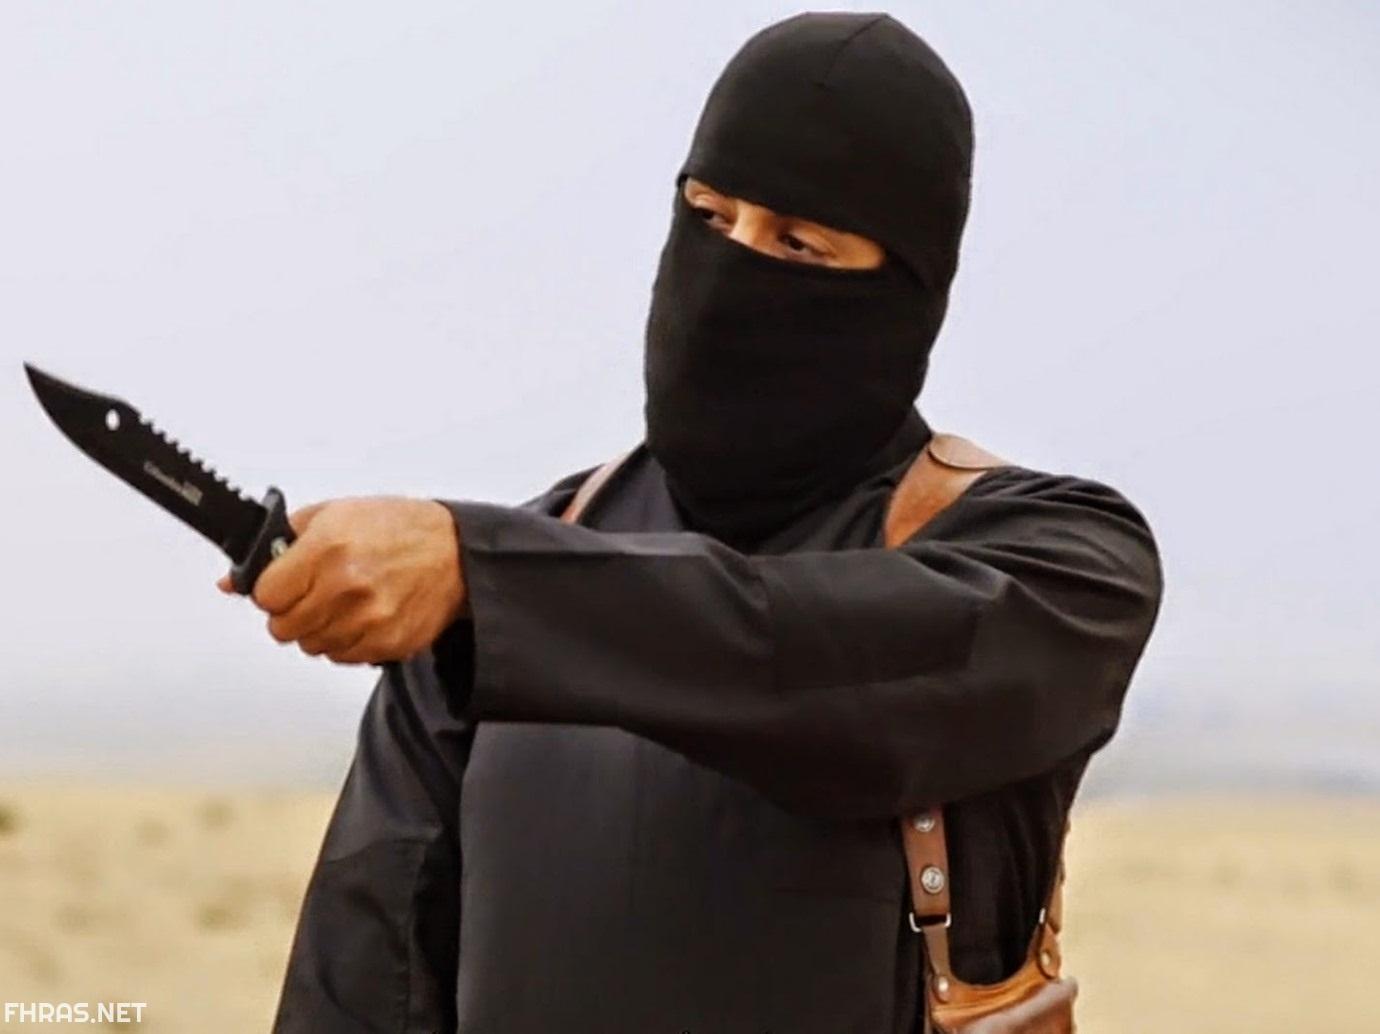 """هتك عرض ابنة شقيقته.. السعودية تعاقب """"السفاح المقنع"""" بالقتل والصَّلب"""